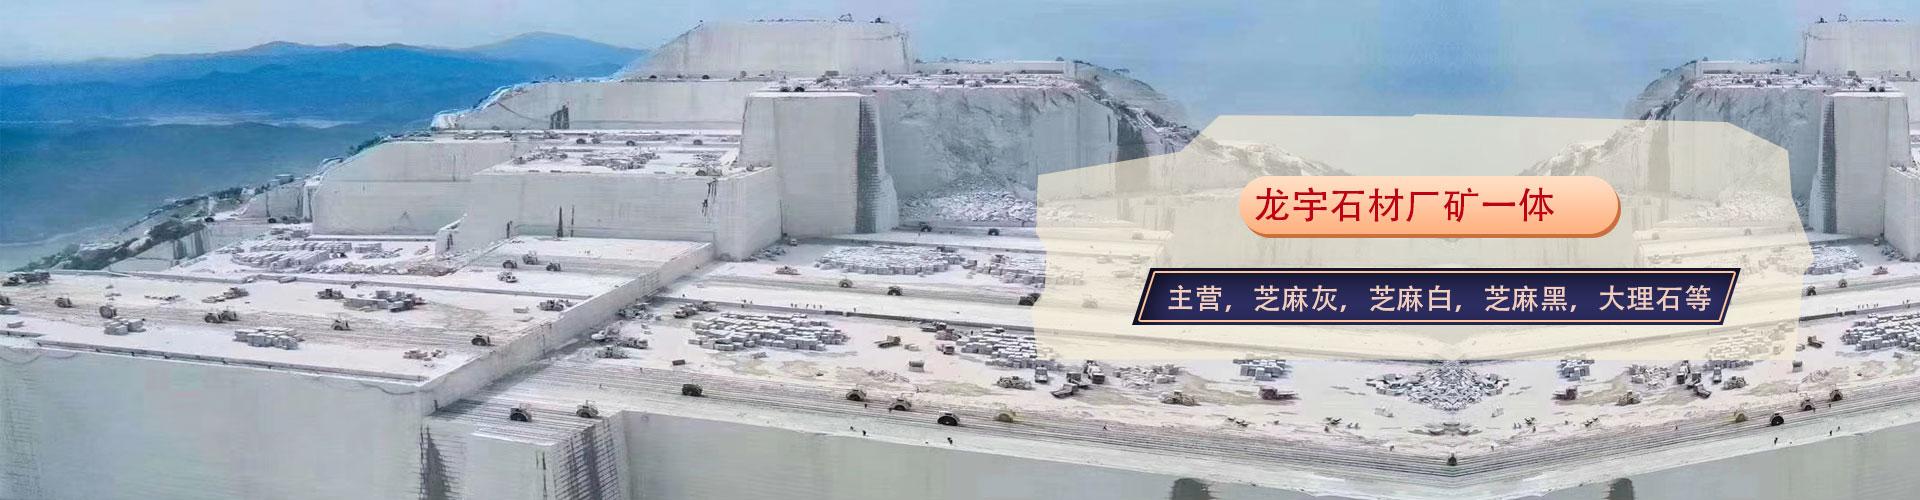 龙宇石材 厂矿一体